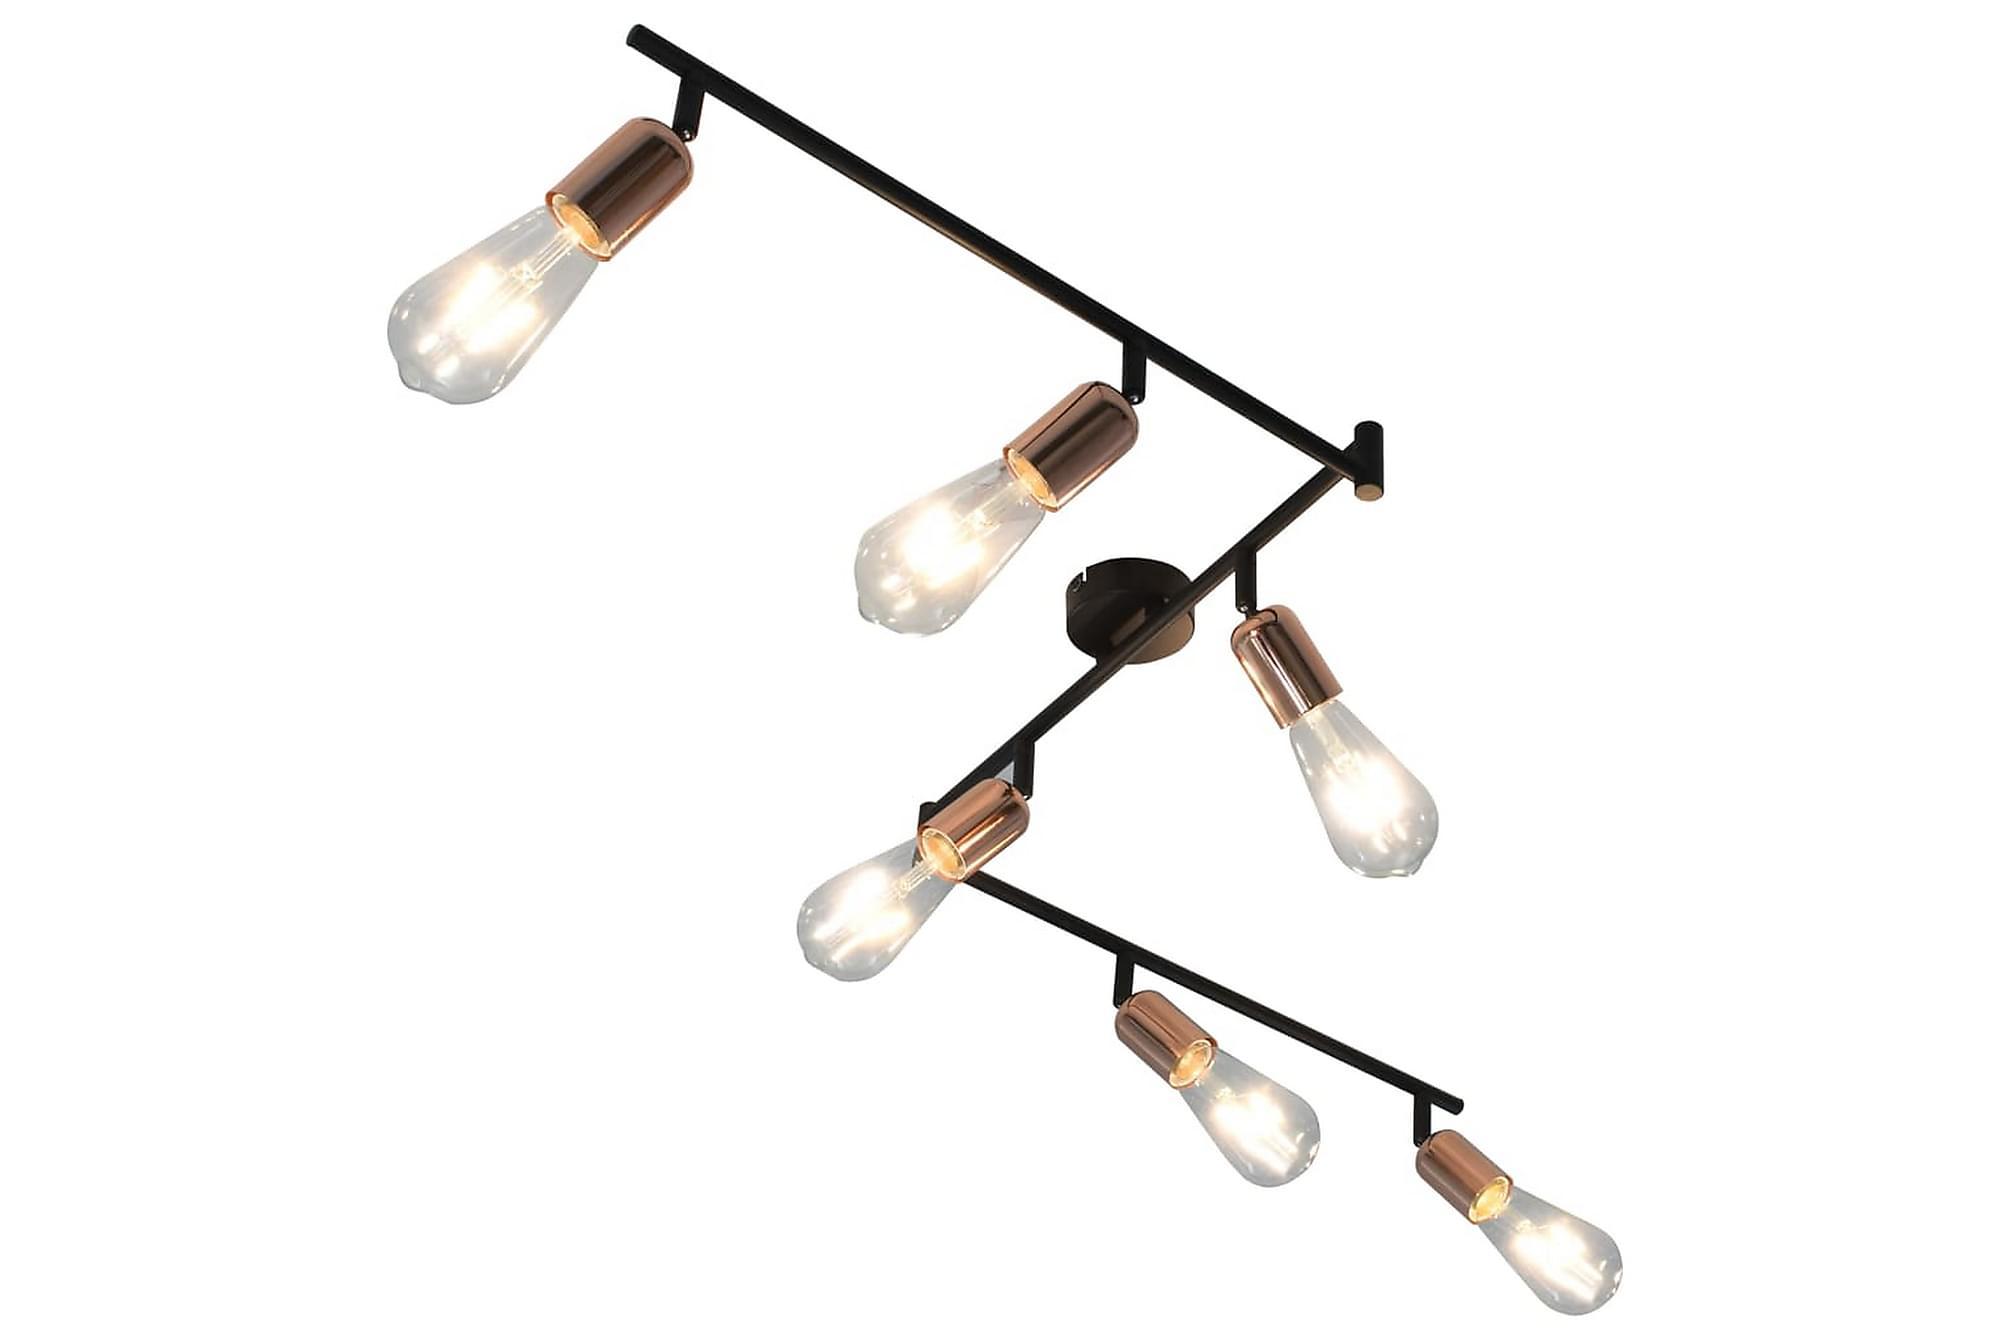 Spotlight med 6 glödlampor 2 W svart och koppar 30 cm E27, Taklampor